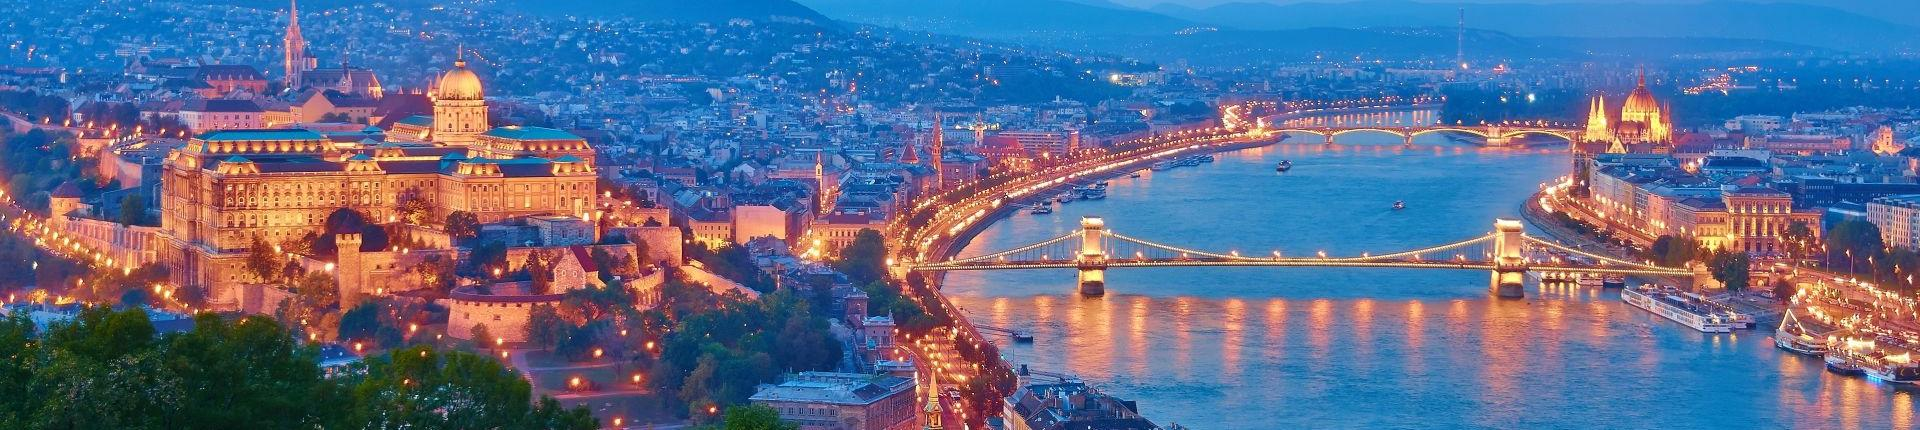 טיול אופניים באוסטריה, סלובקיה והונגריה מוינה לבודפשט